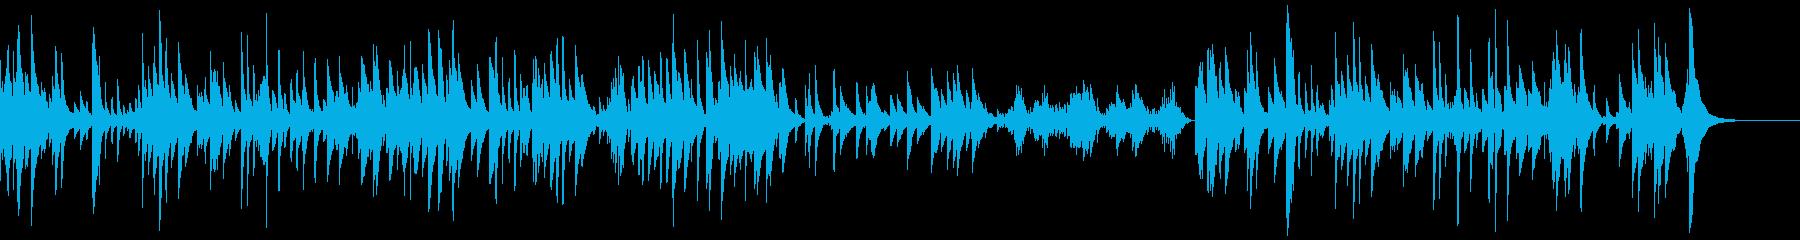 中国系の店舗BGM、ピパ独奏、上機嫌の再生済みの波形